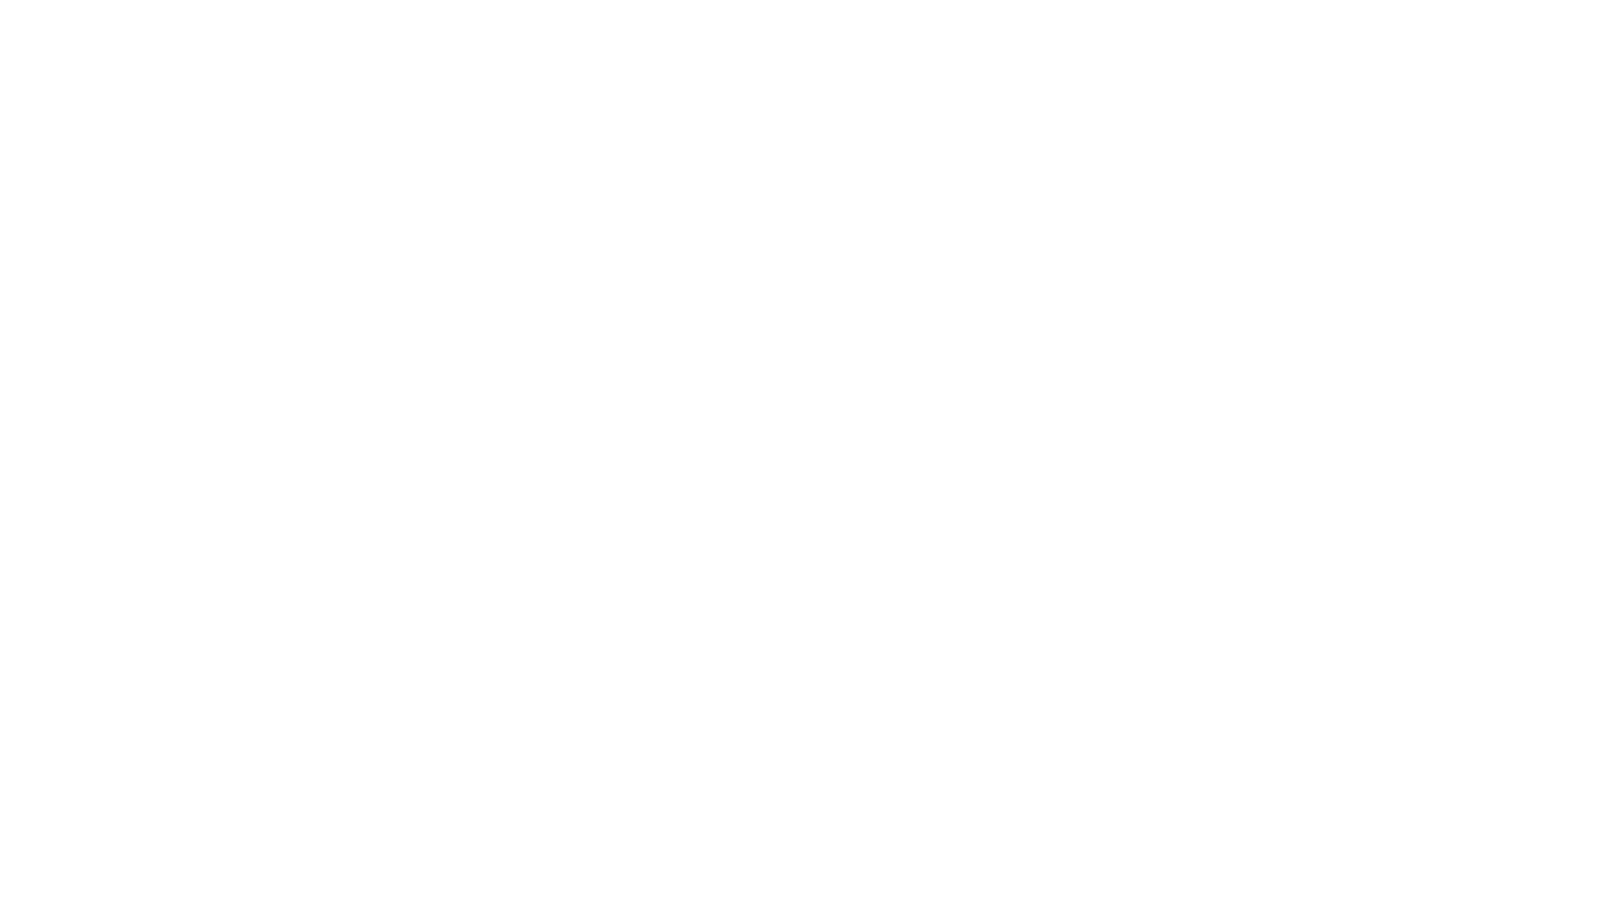 Primeiramente, se ainda não é escrito em nosso canal, não esqueça de se inscrever e ativar o sininho. Neste vídeo, voltamos para falar um pouco sobre a vida e carreira do ator Ryu Jun Yeol.  Vídeos de dramas do Ryu Jun Yeol:  🔴Primeiras Impressões de Lost: https://youtu.be/ex_U6GFgDbY 🔴Por que amamos a saga Reply: https://youtu.be/0mP1Z2FS29M  🔴 Onde assistir dramas asiáticos além da Netflix: https://youtu.be/rzC2IeGw3CM  📱Você já baixou o aplicativo Coreanas de Taubaté na Play Store?  O aplicativo está disponível para Android (em breve também para iPhone): Só clicar no link e baixar em seu aparelho: https://play.google.com/store/apps/details?id=coreanas.apqll   Nos siga nas nossas outras redes sociais:  👉Facebook: https://www.facebook.com/coreanasdetaubate  👉Instagram: https://www.instagram.com/coreanasdetaubate  👉 Twitter: https://twitter.com/Coreanasdetaubt  👉 Site: https://coreanasdetaubate.com